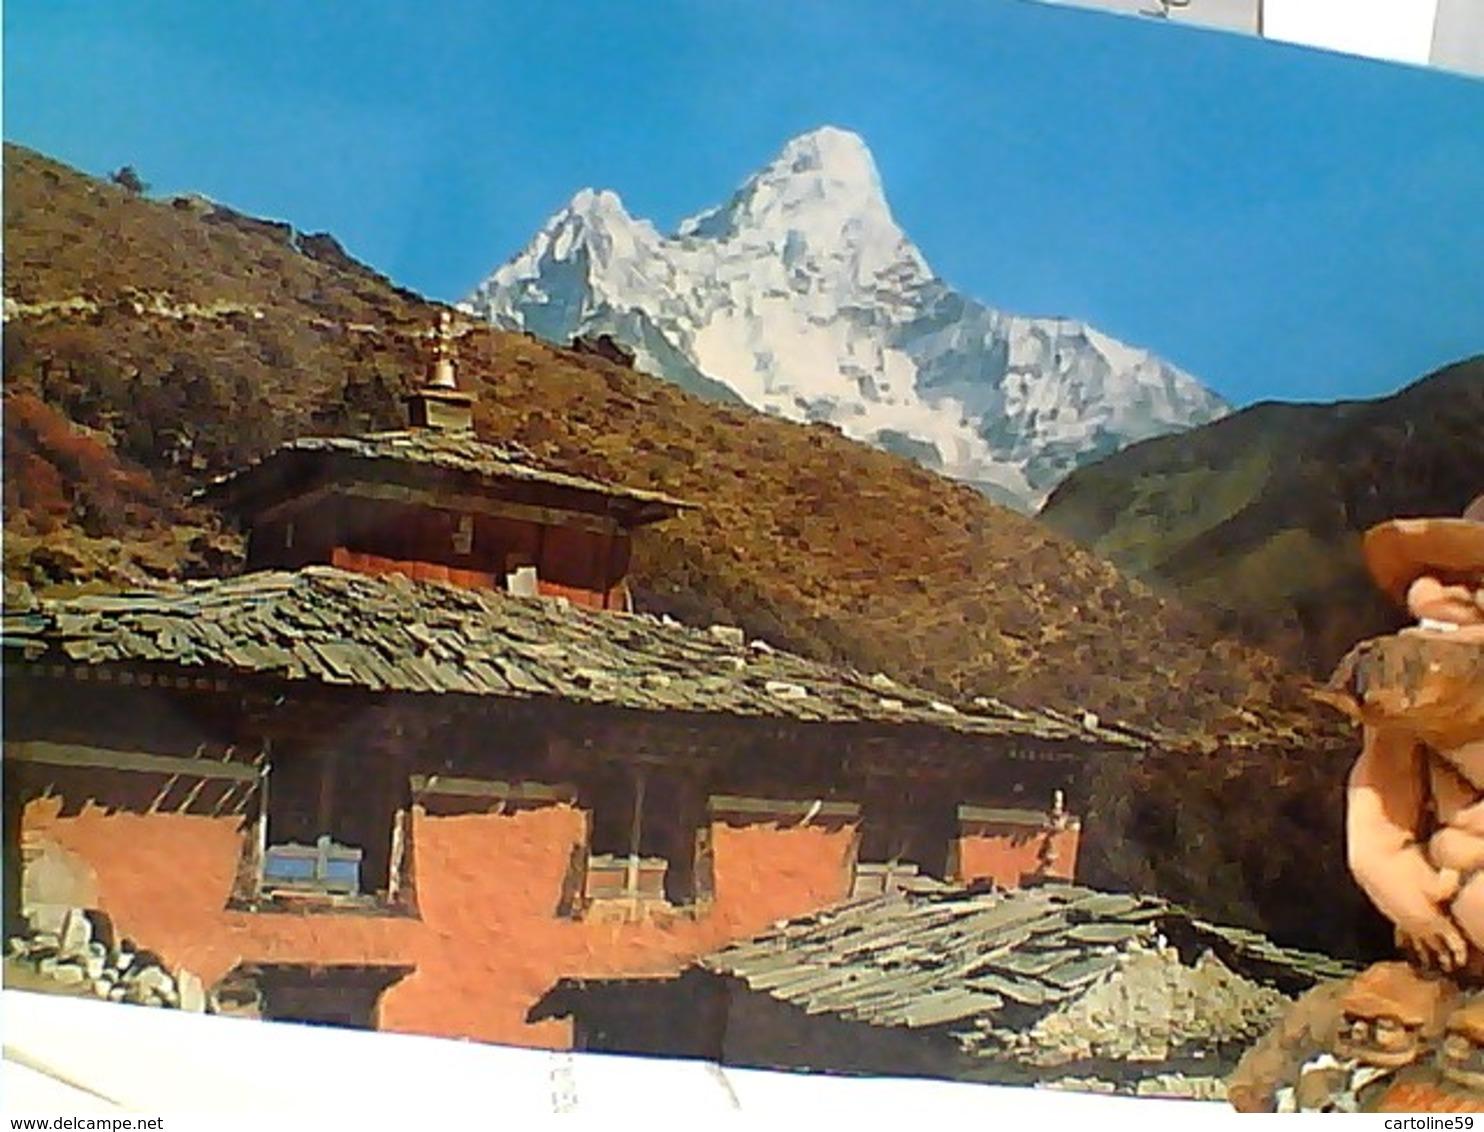 MT.AMA DABLAM HIMALAYAN MOUNTAIN N1985 GR1055 - Nepal